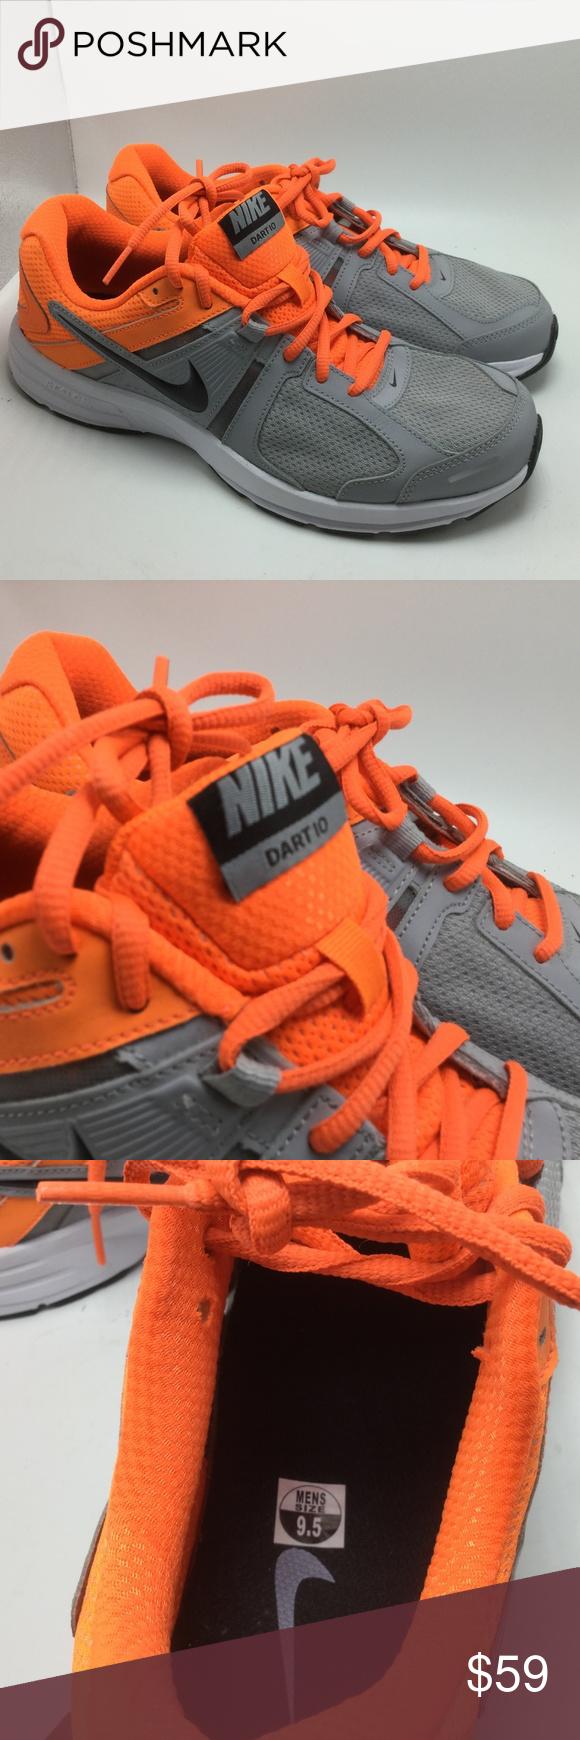 Nike dart 10 running shoes + FREE SHIPPING  